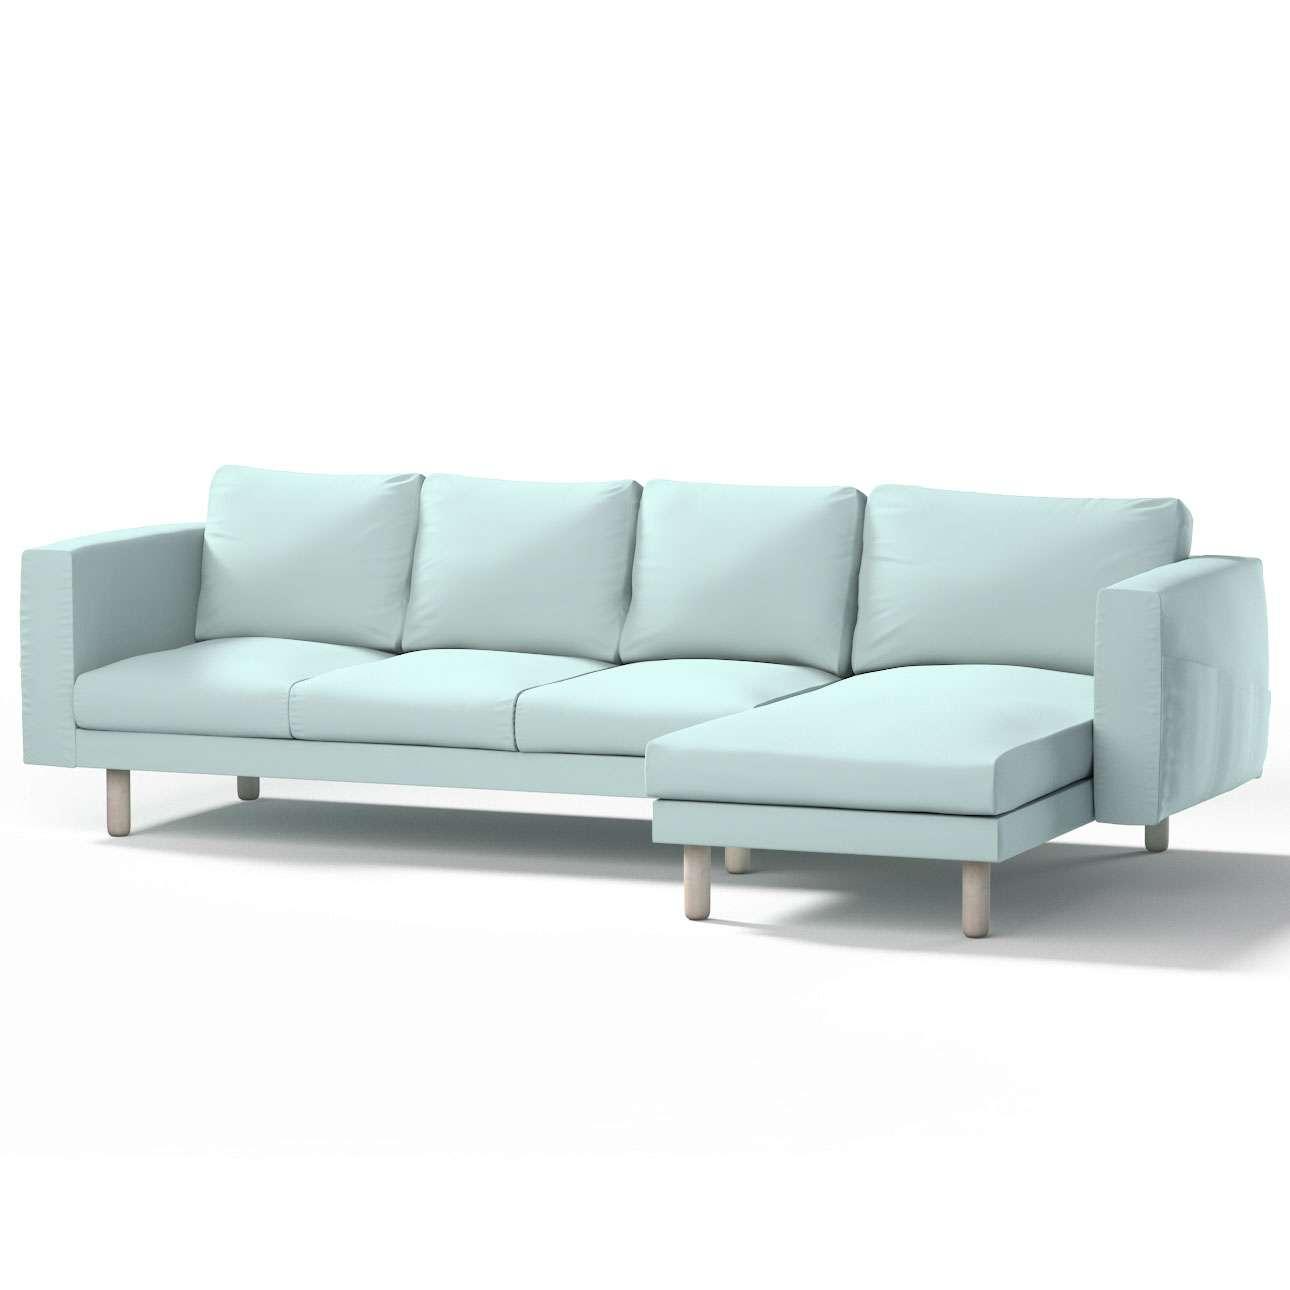 Brilliant Couch Hellblau Galerie Von Norsborg Bezug Für 4-sitzer Sofa Mit Recamiere